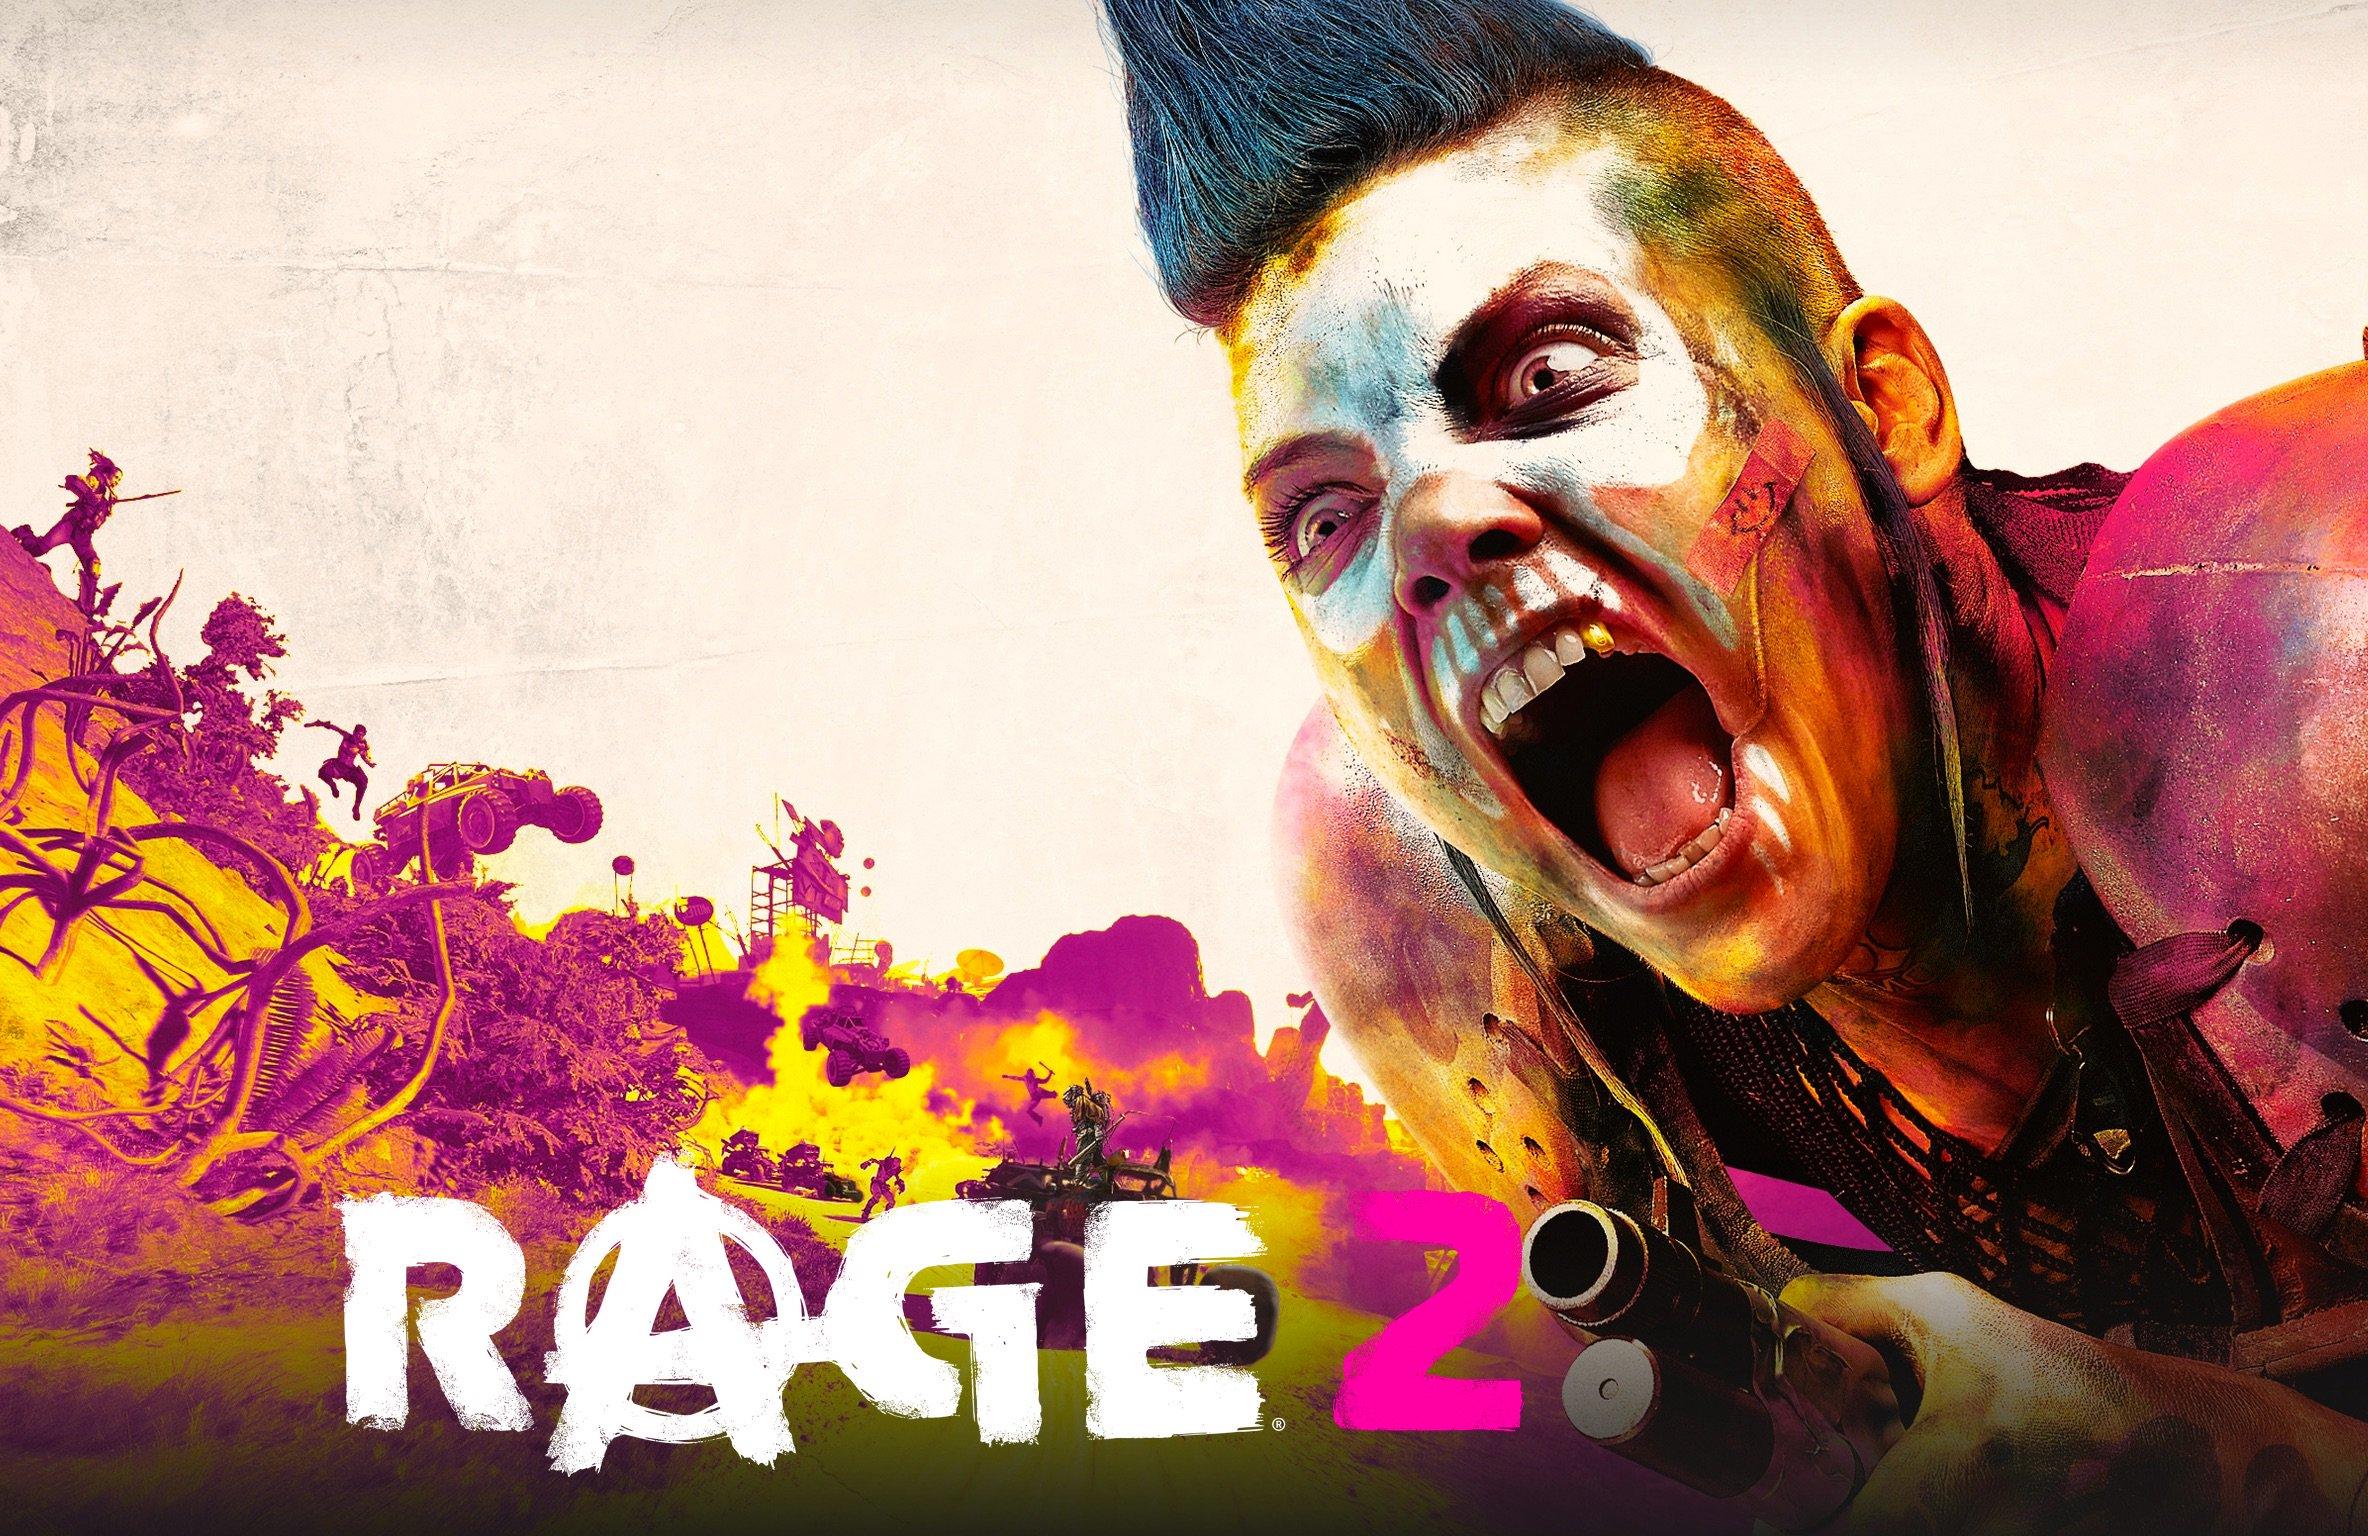 General 2368x1536 video games Rage 2 Rage (video game) pink magenta